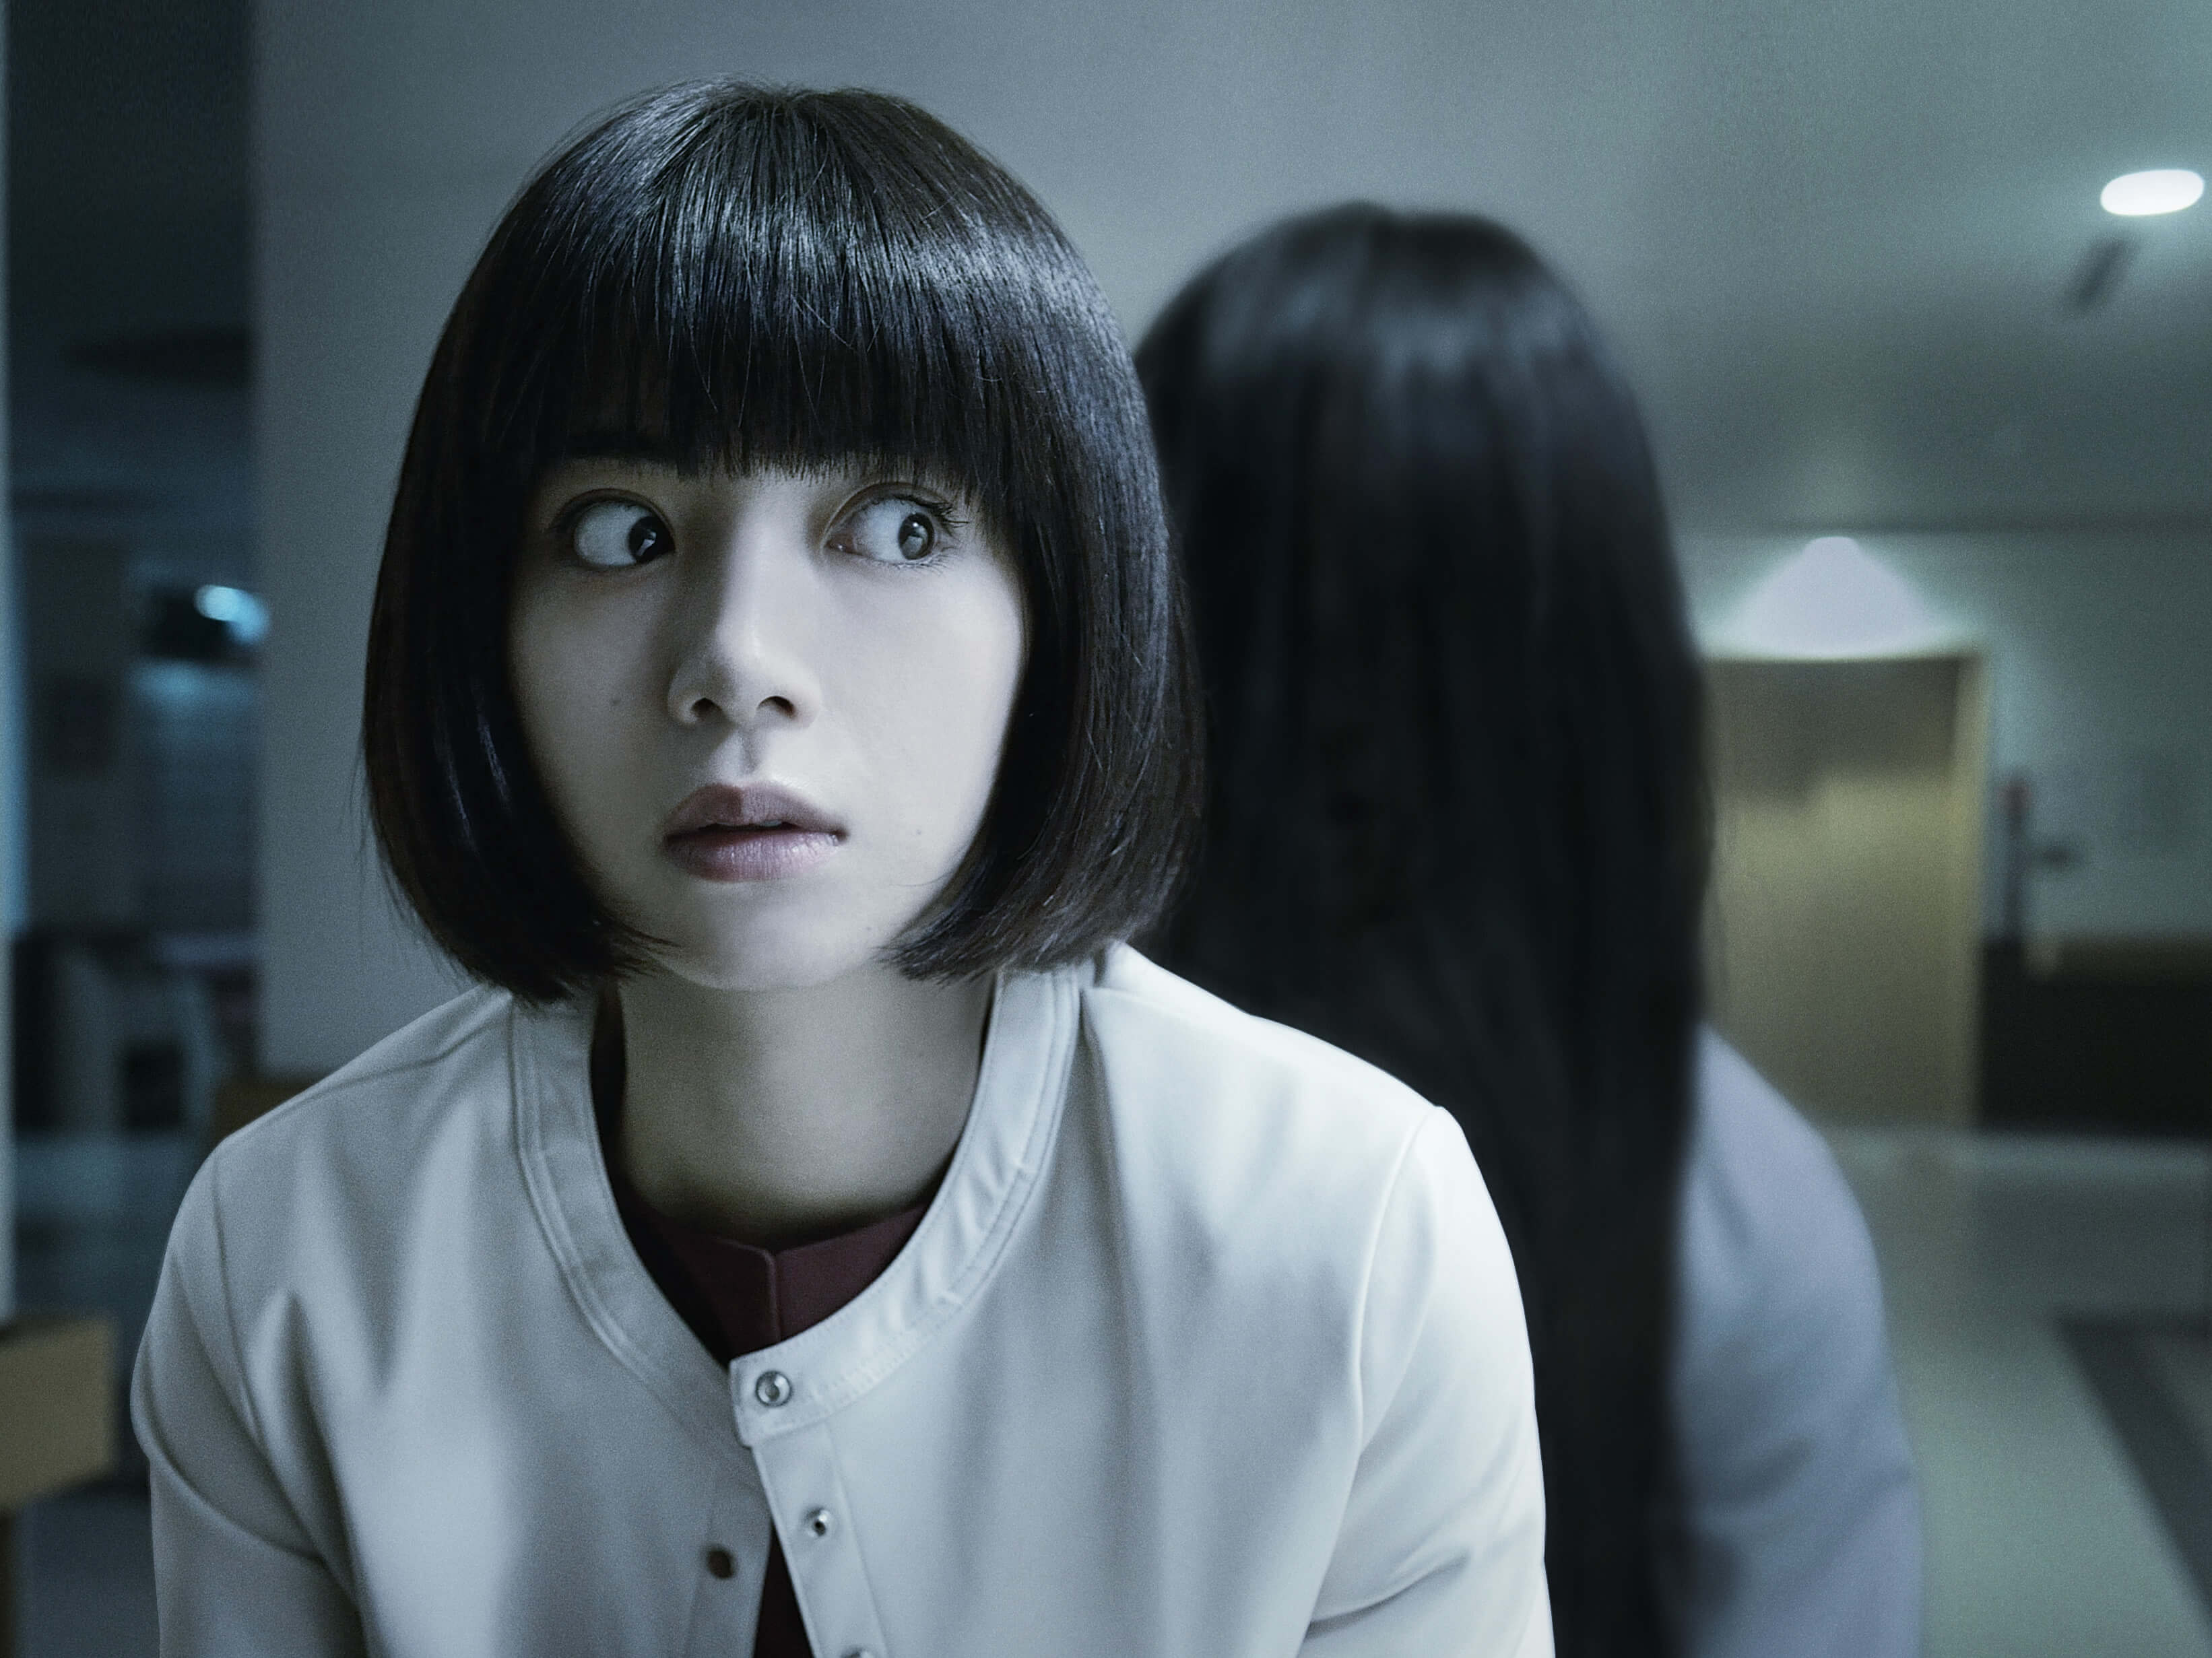 貞子_sadako new video 最新映像 メイン